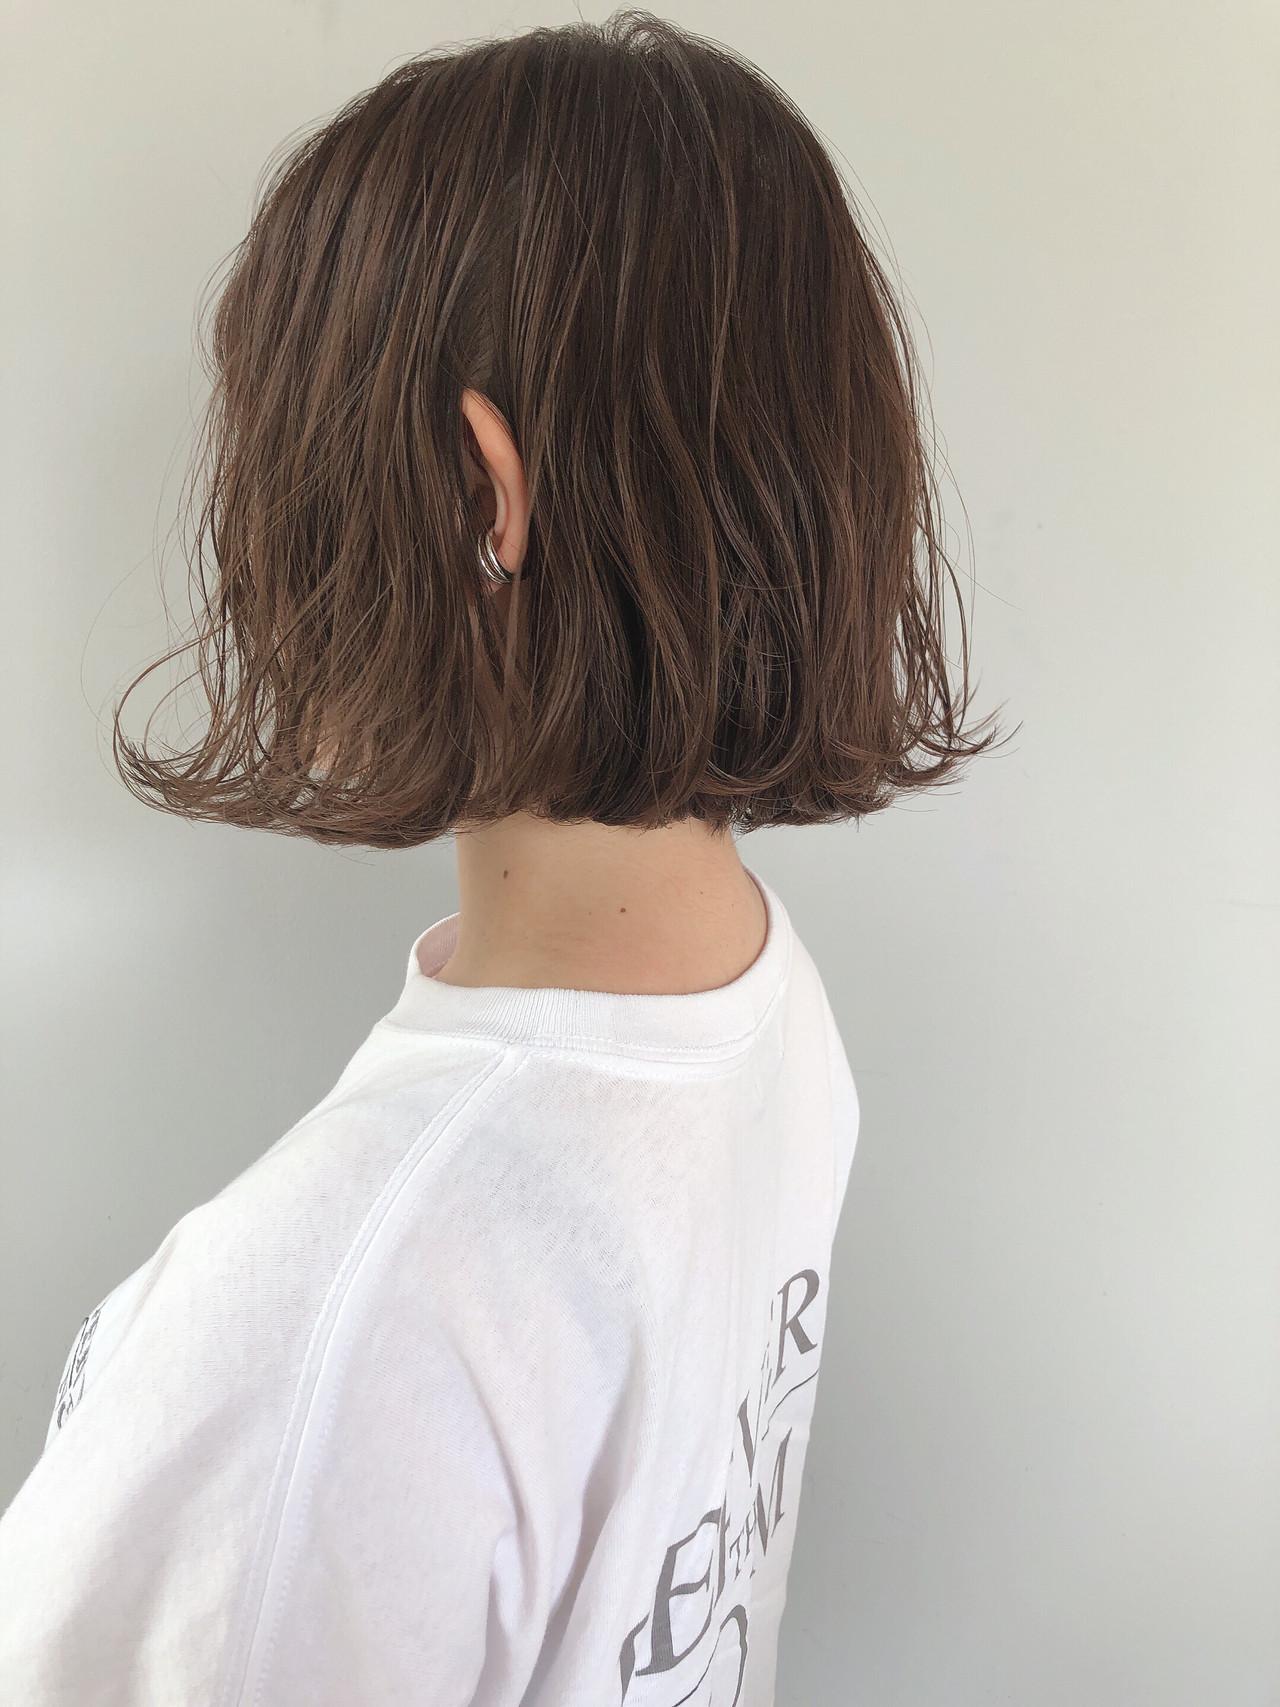 ナチュラル ミルクグレージュ ミニボブ 大人かわいい ヘアスタイルや髪型の写真・画像 | 上田智久 / ooit 福岡 天神 / ooit